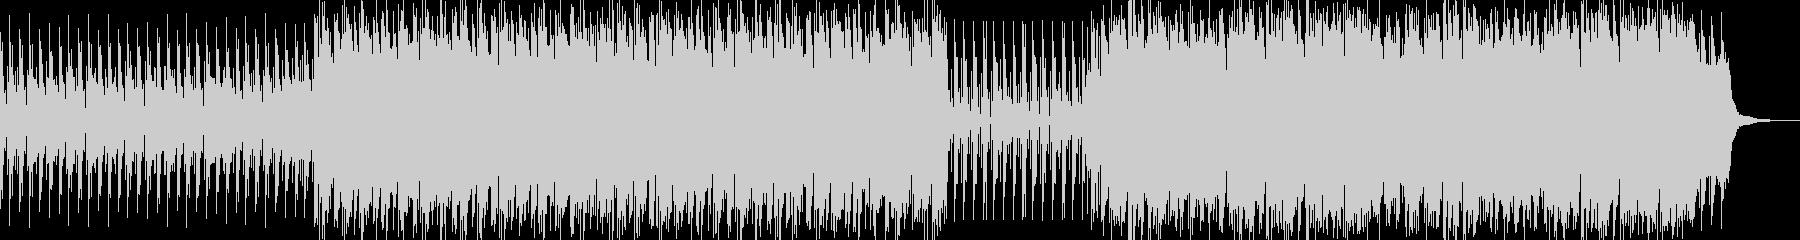 ラテン系のアップテンポな曲の未再生の波形